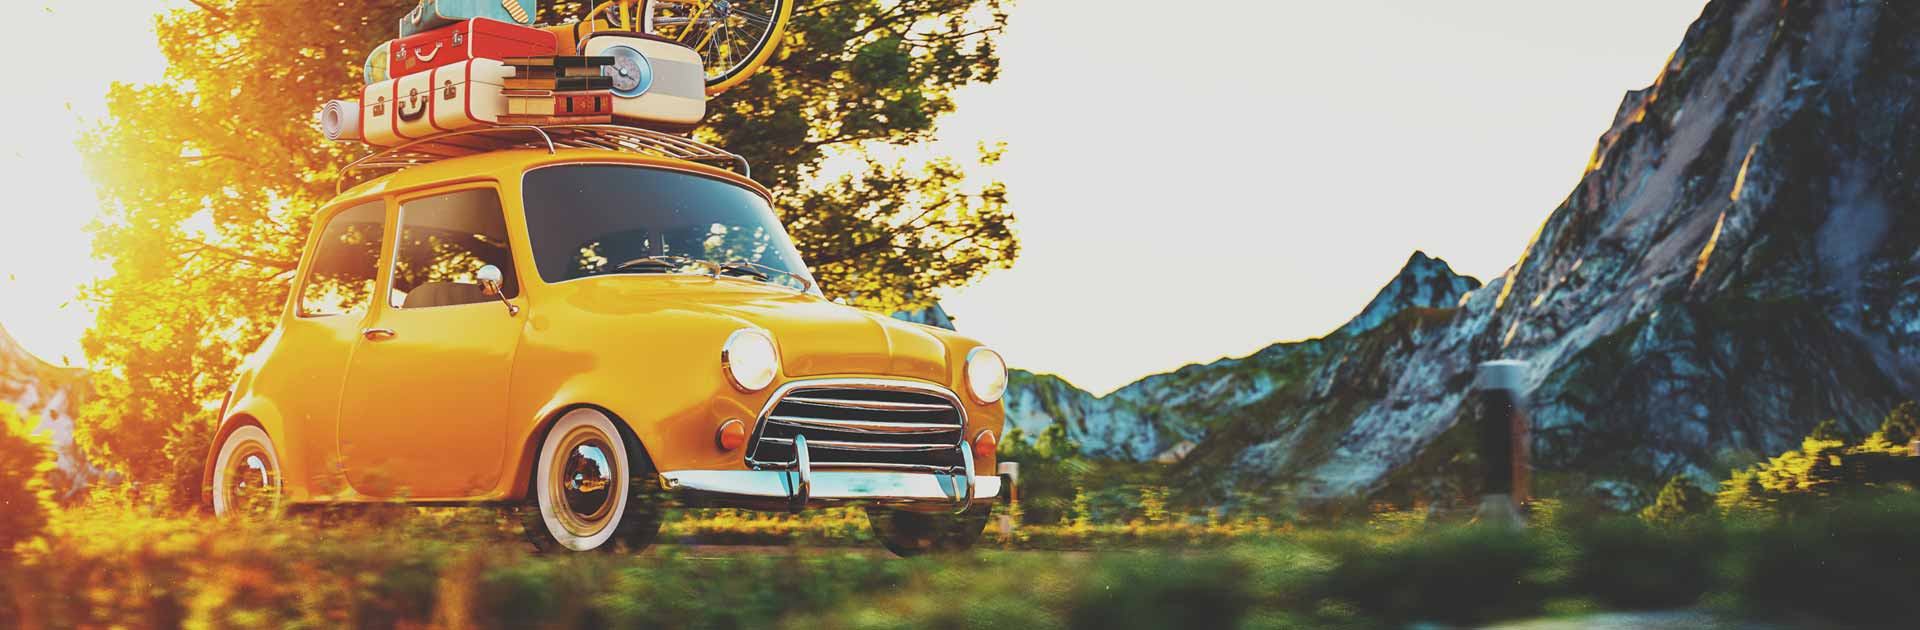 Auto Truck consulenza automobilistica e dei veicoli commerciali ed industriali